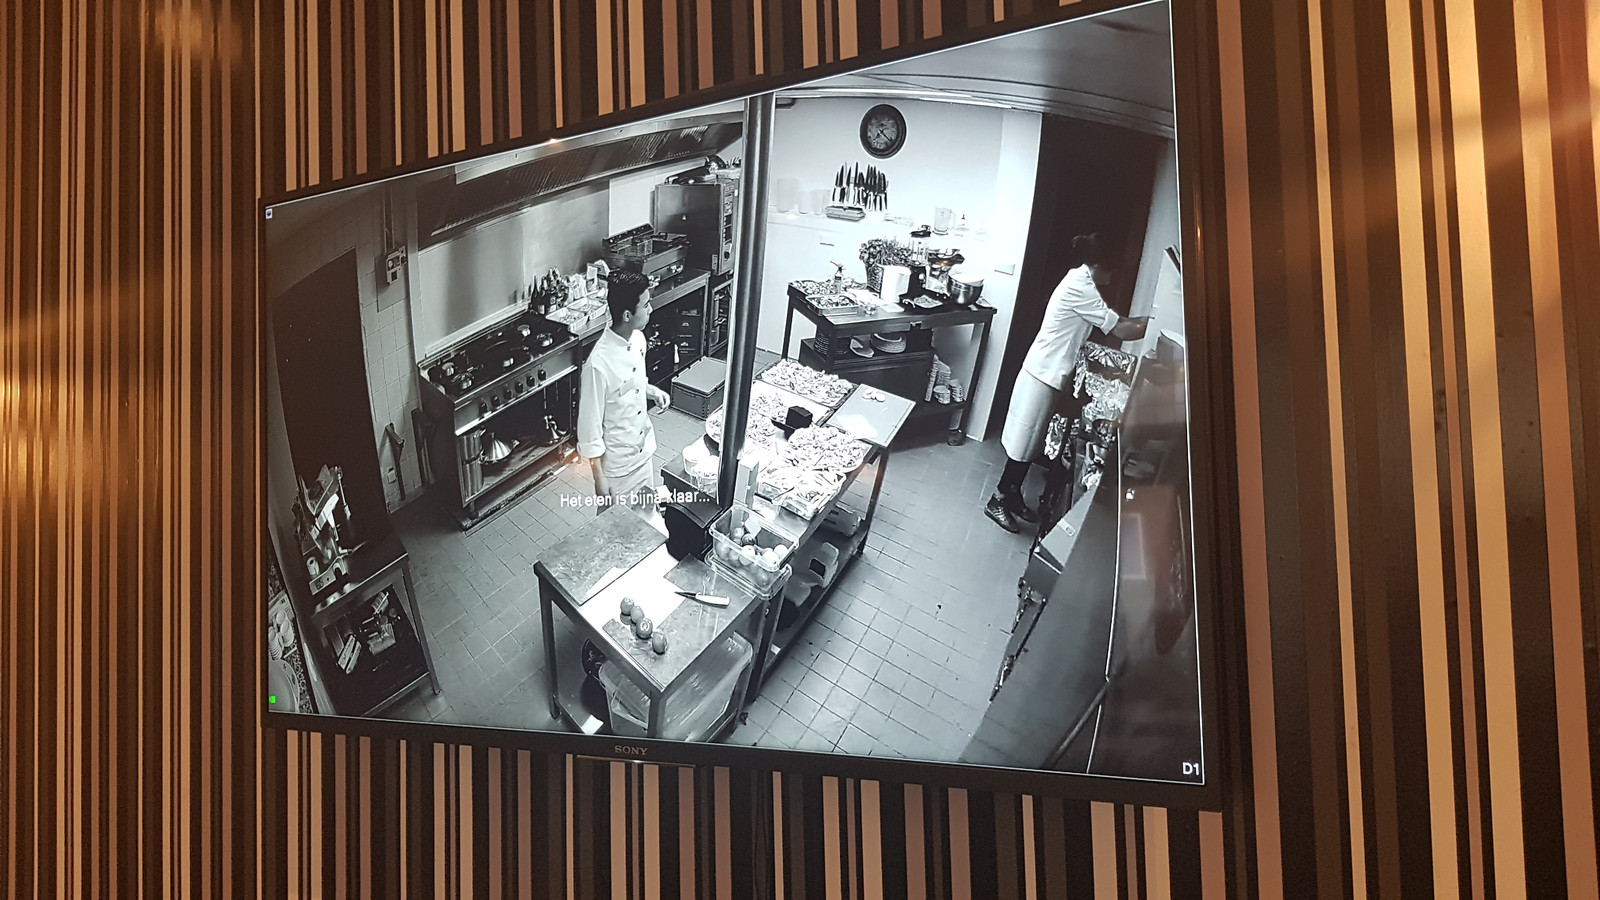 Gasten kunnen volgen hoe in de keuken de gerechten worden bereid.